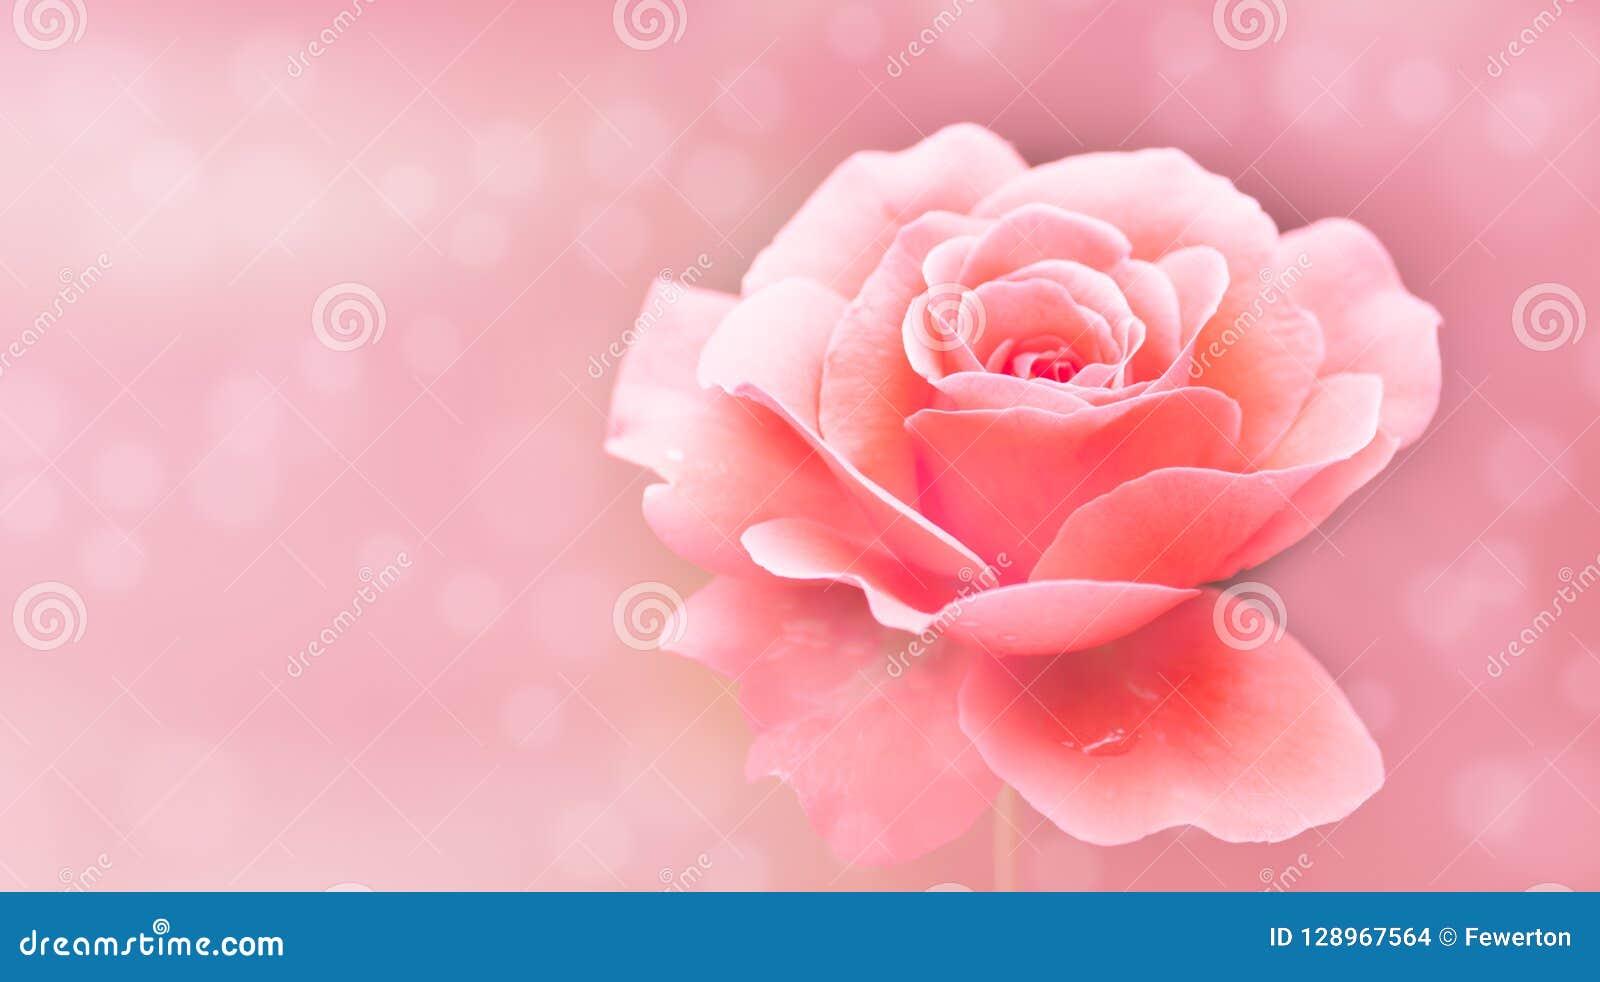 La singola rosa rosa e bianca ha isolato il bokeh molle selettivo rosa del fondo della sfuocatura dal fondo del fuoco con uso di